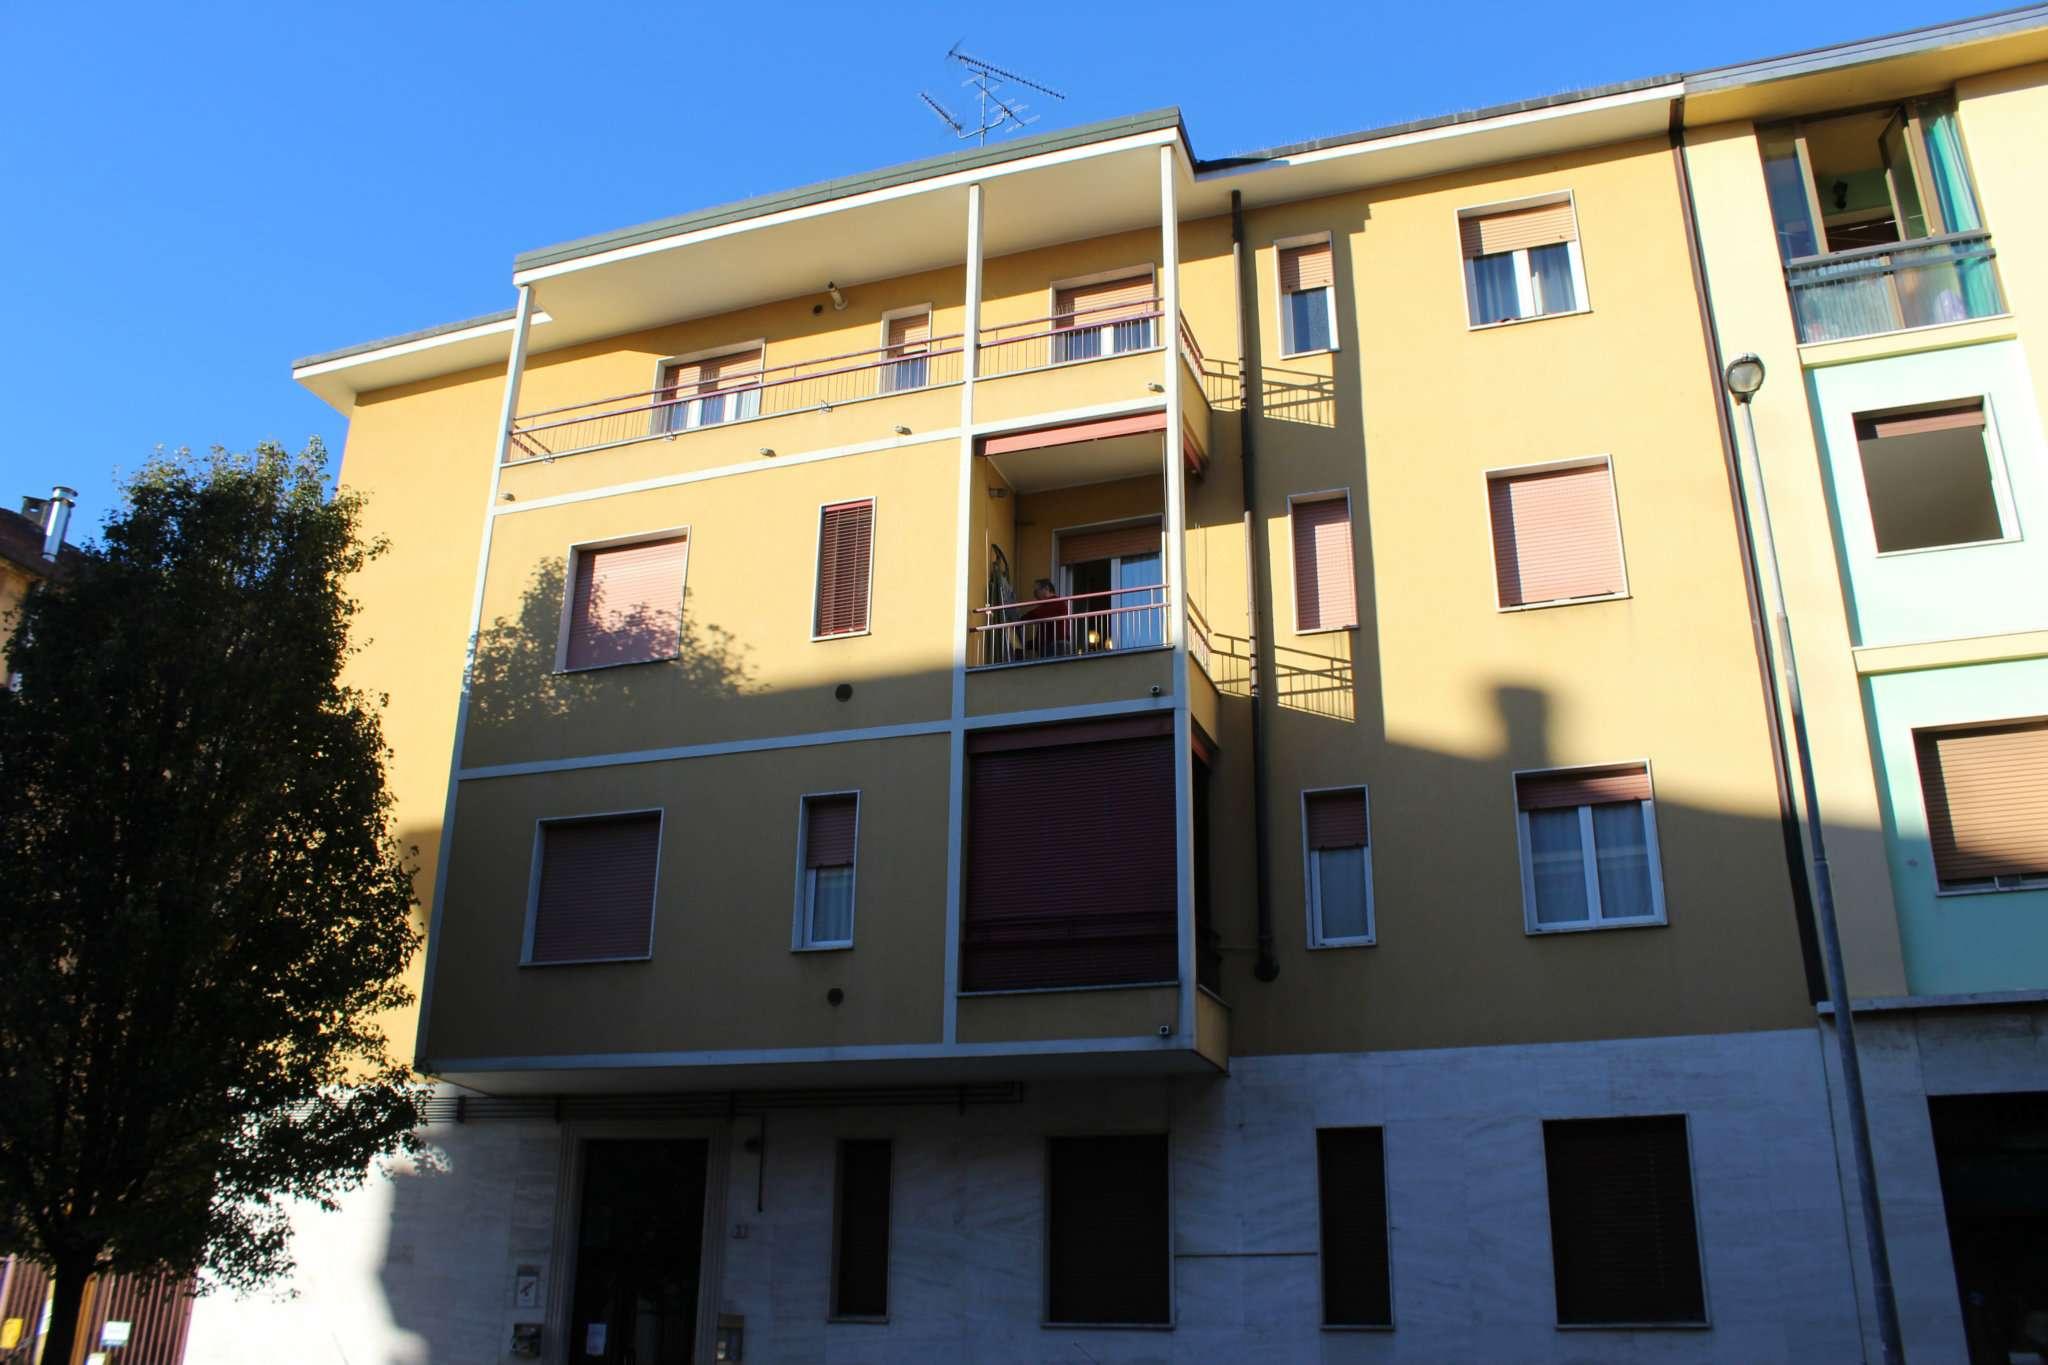 Appartamento in vendita a Bresso, 2 locali, prezzo € 109.000 | CambioCasa.it